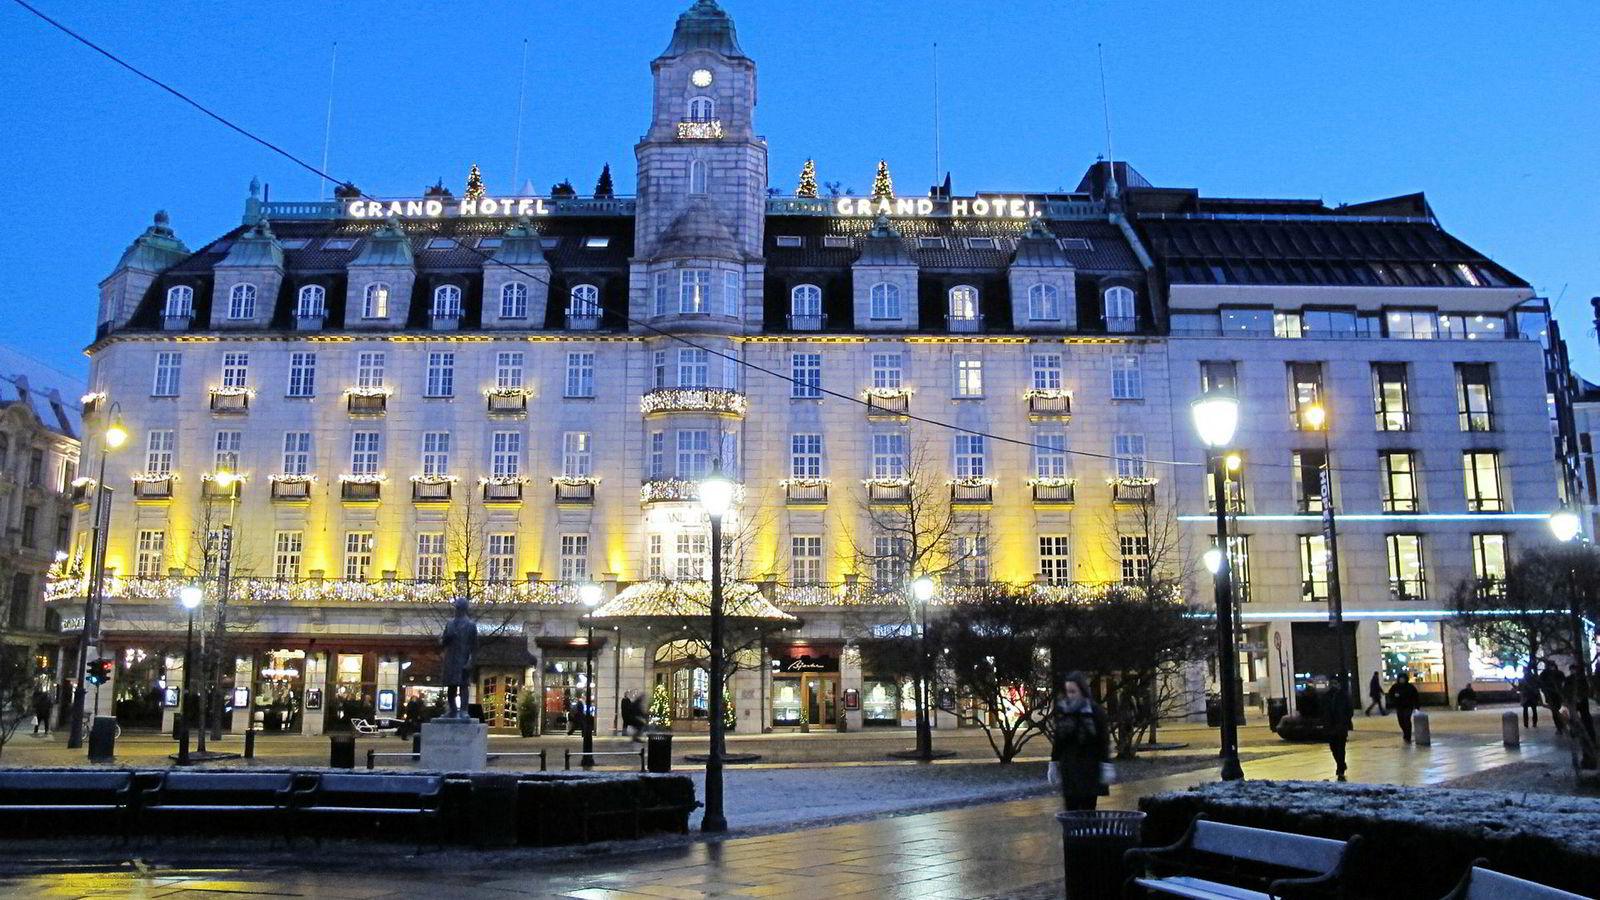 Ikoniske Grand Hotel i Oslo får bare 21 av 30 mulige poeng i vår hotelltest. Frokosten og dårlig renhold trekker ned.